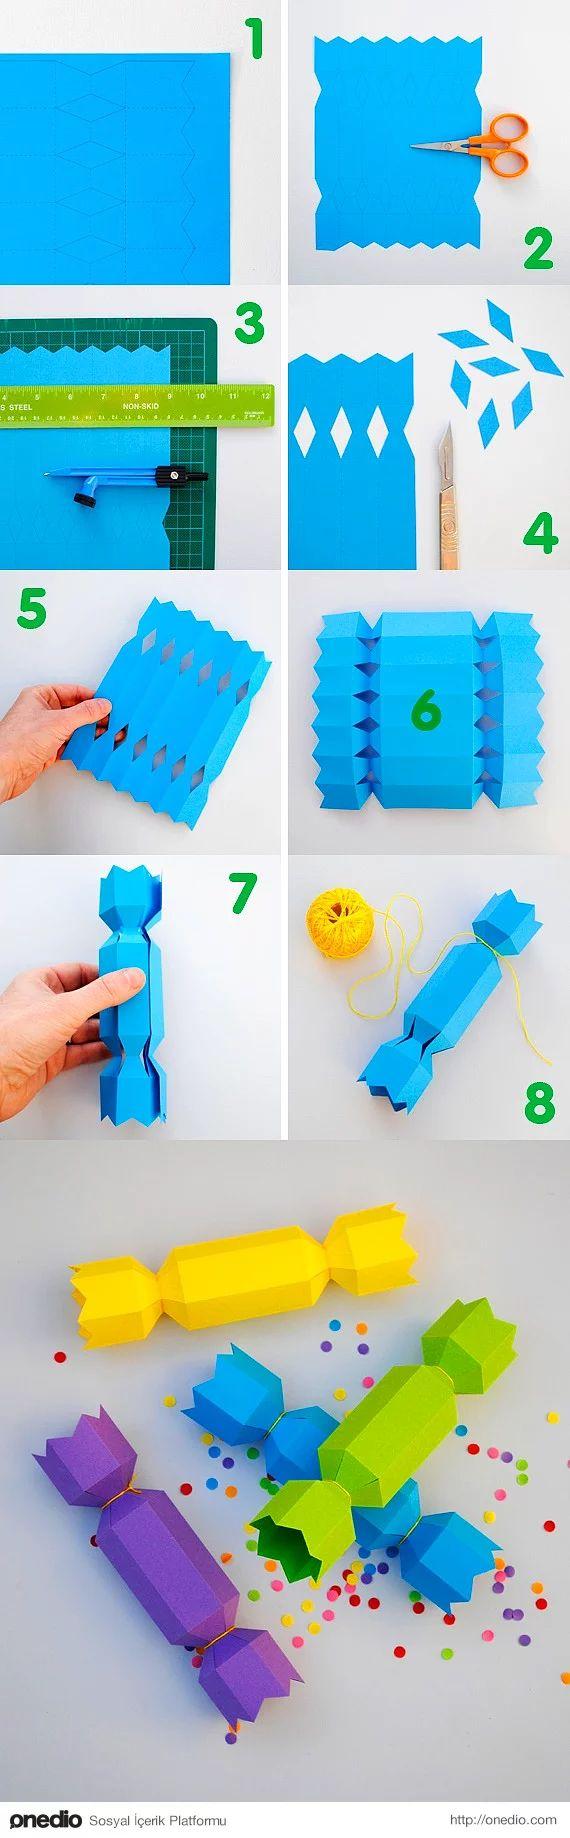 Şeker gibi bir hediye paketi içi de oyuncak dolu... İşte bir çocuğun hayali!